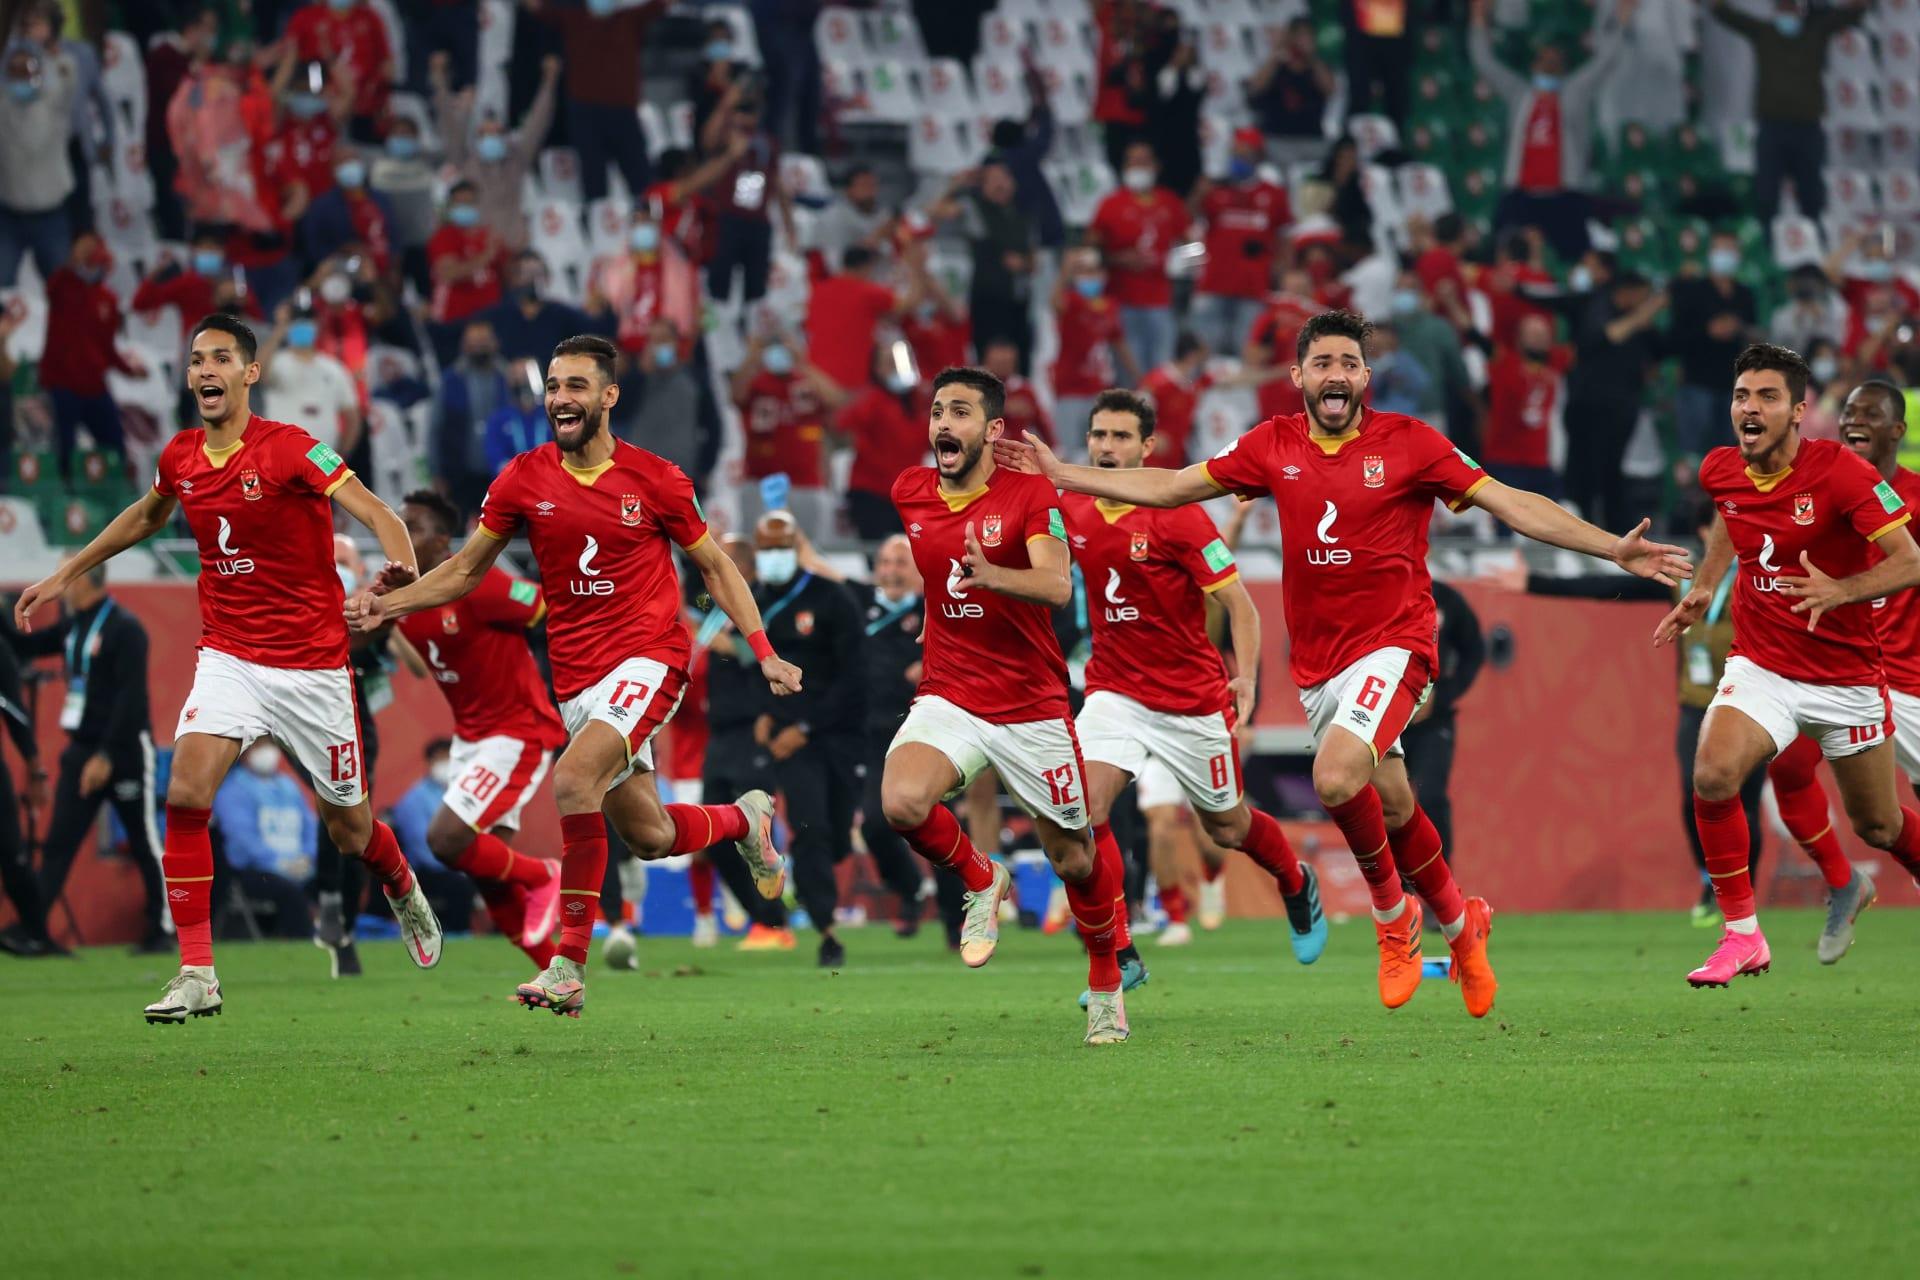 الأهلي المصري يفوز ببرونزية مونديال الأندية بعد فوزه على بالميراس البرازيلي بركلات الترجيح